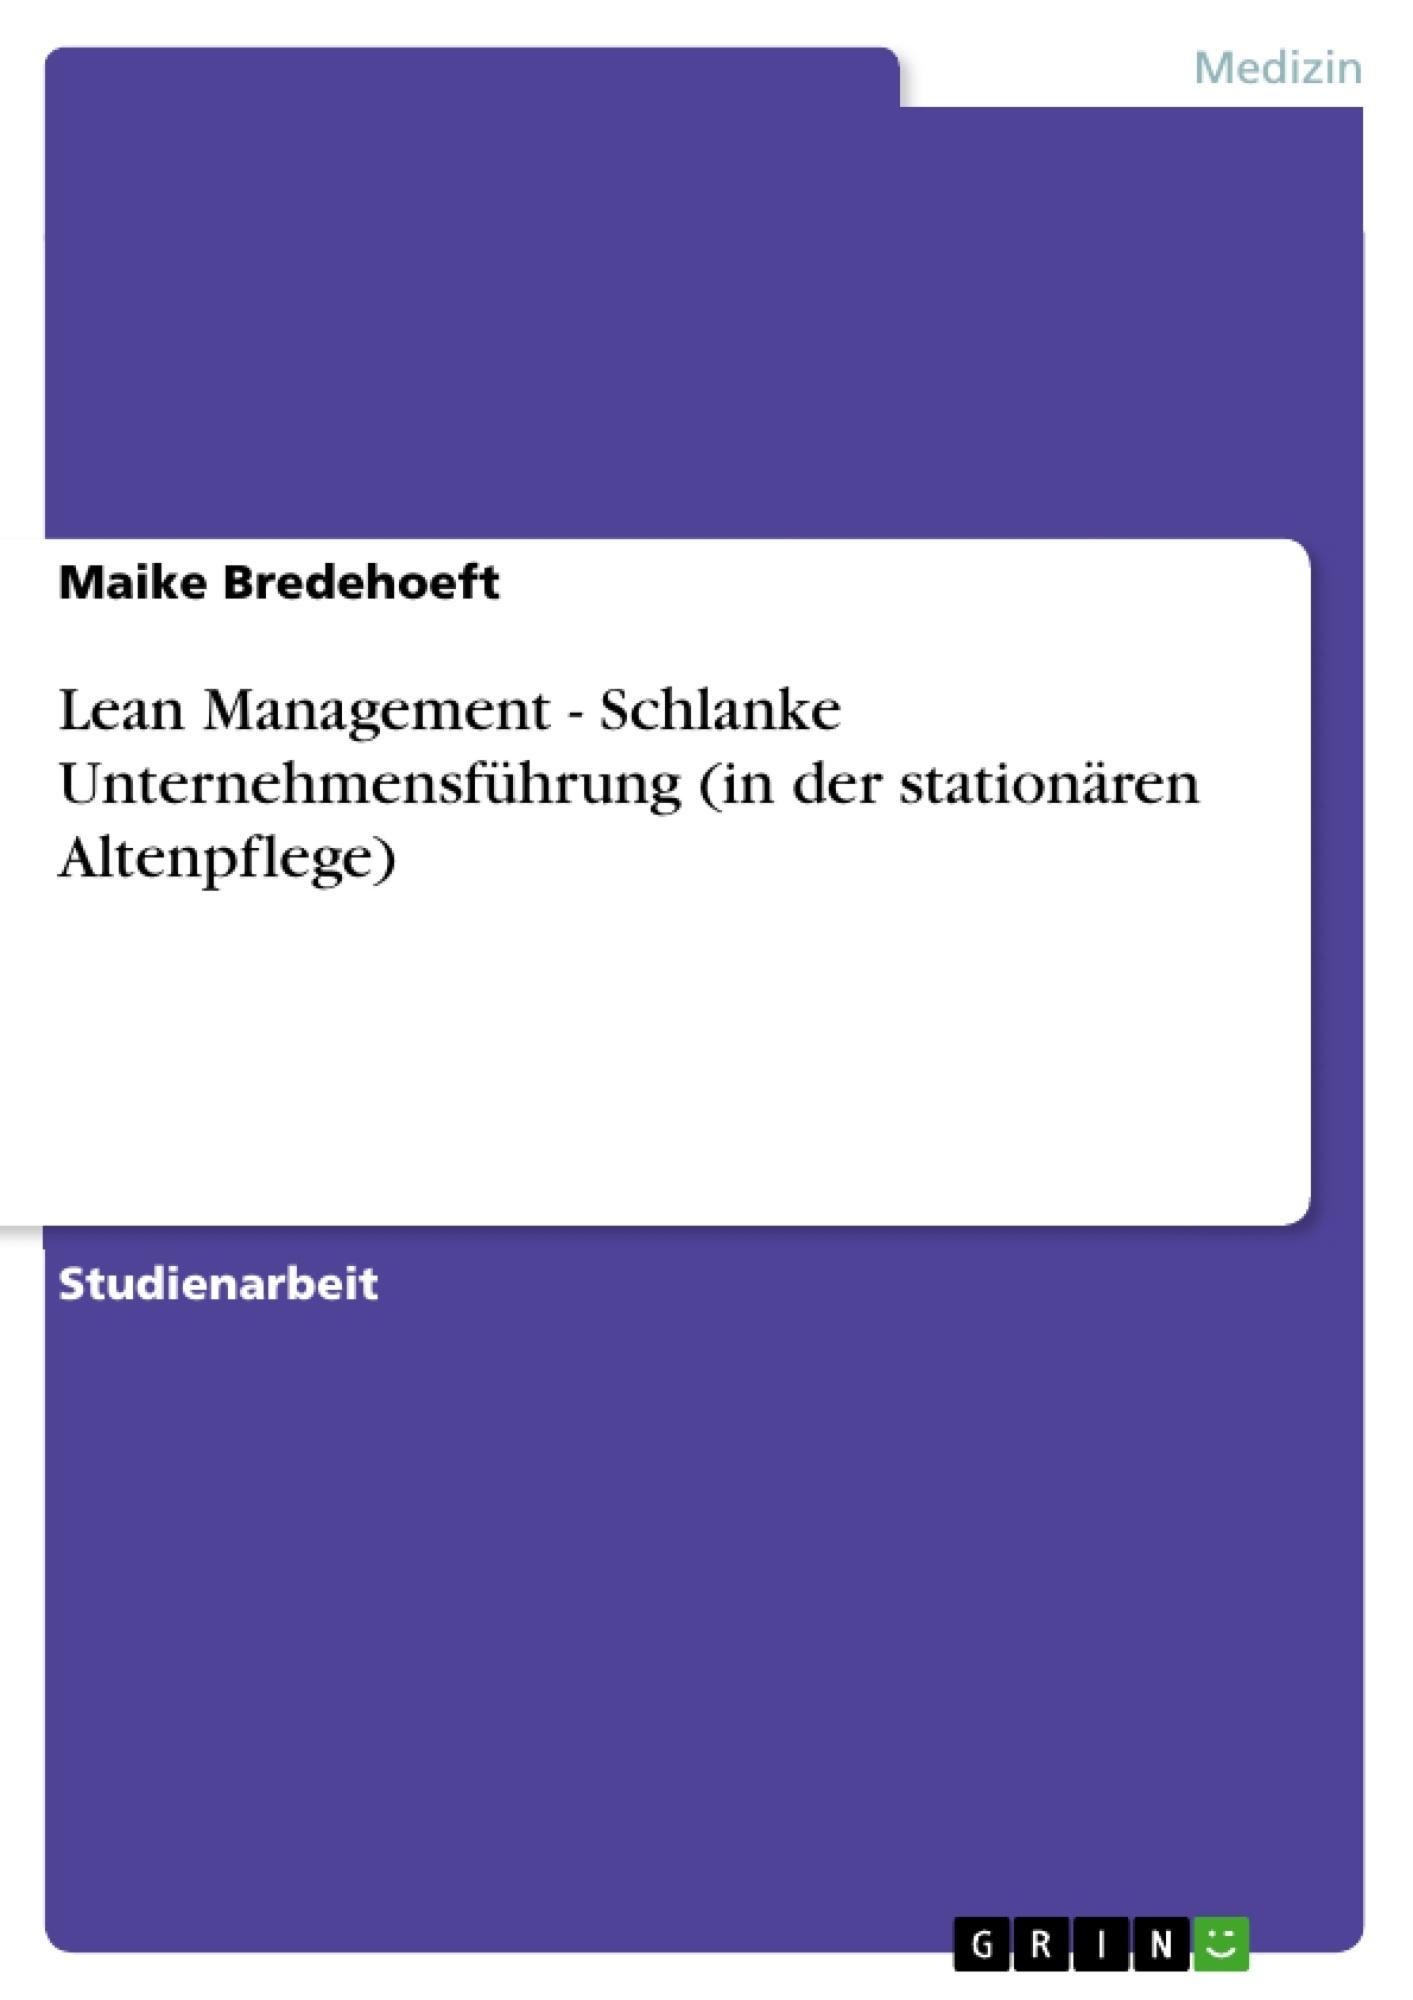 Titel: Lean Management - Schlanke Unternehmensführung (in der stationären Altenpflege)